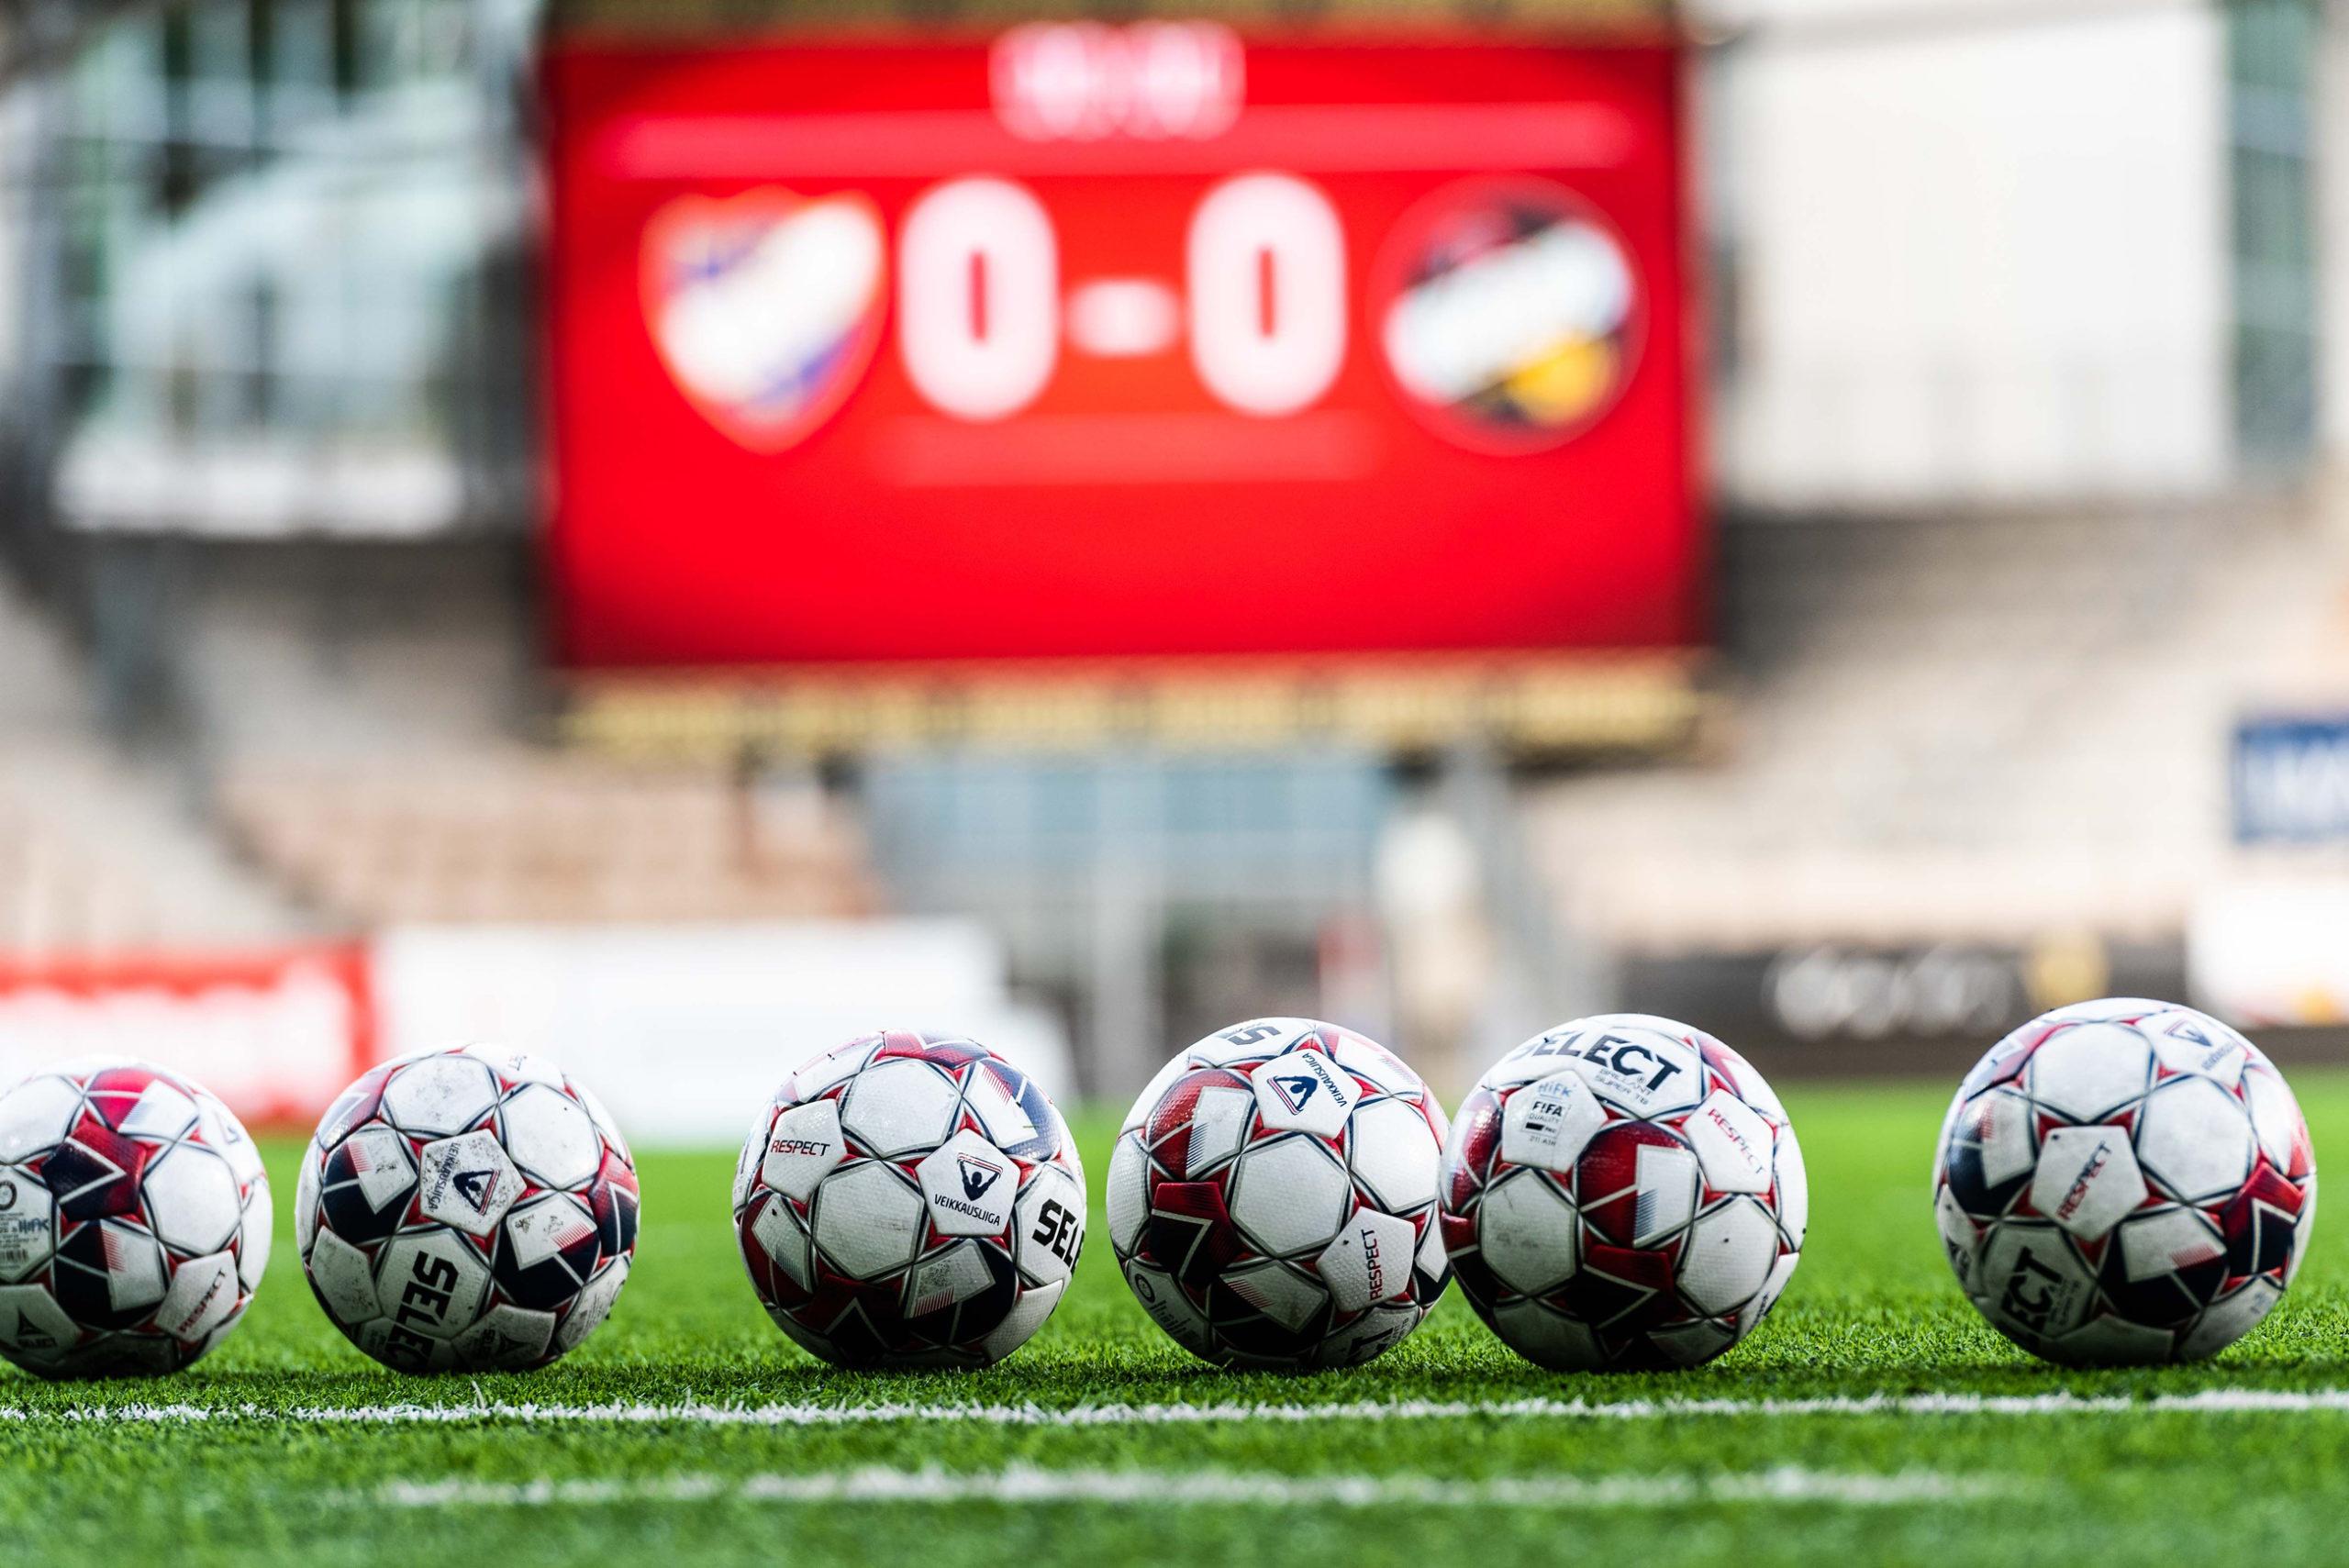 Veikkausliiga fixtures released